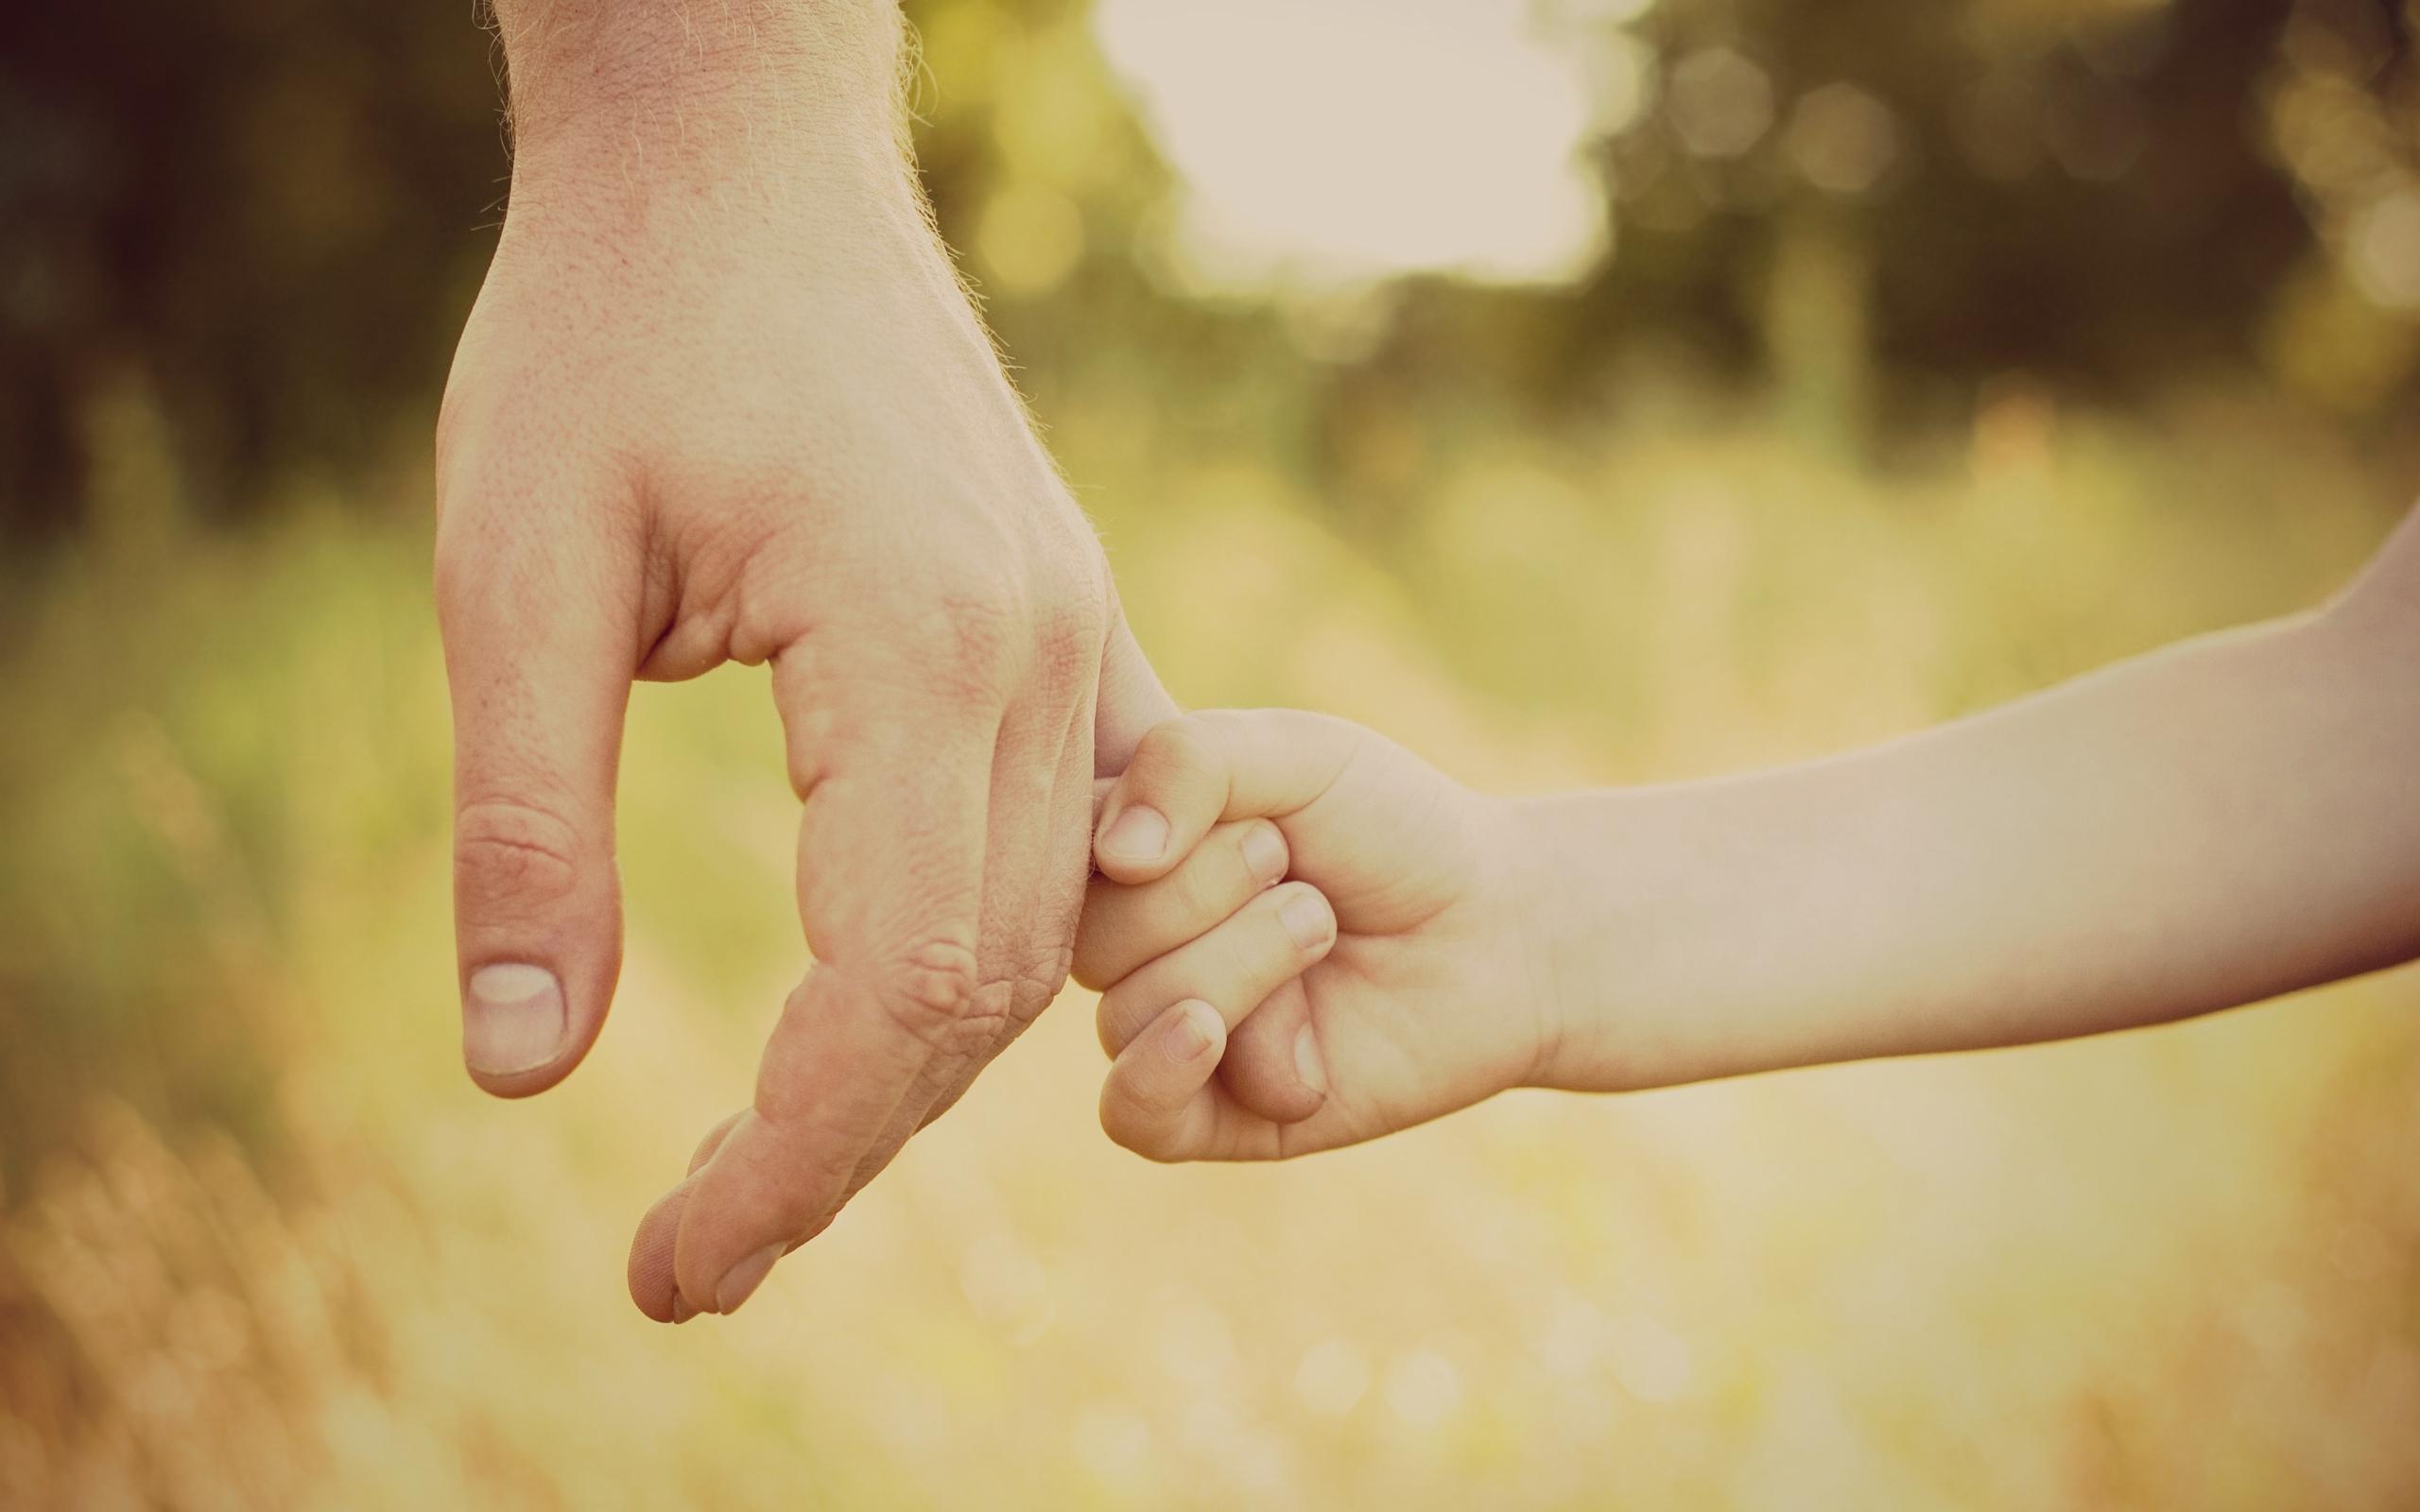 Dječije samopouzdanje ne gradi se pohvalama, već prisutnošću